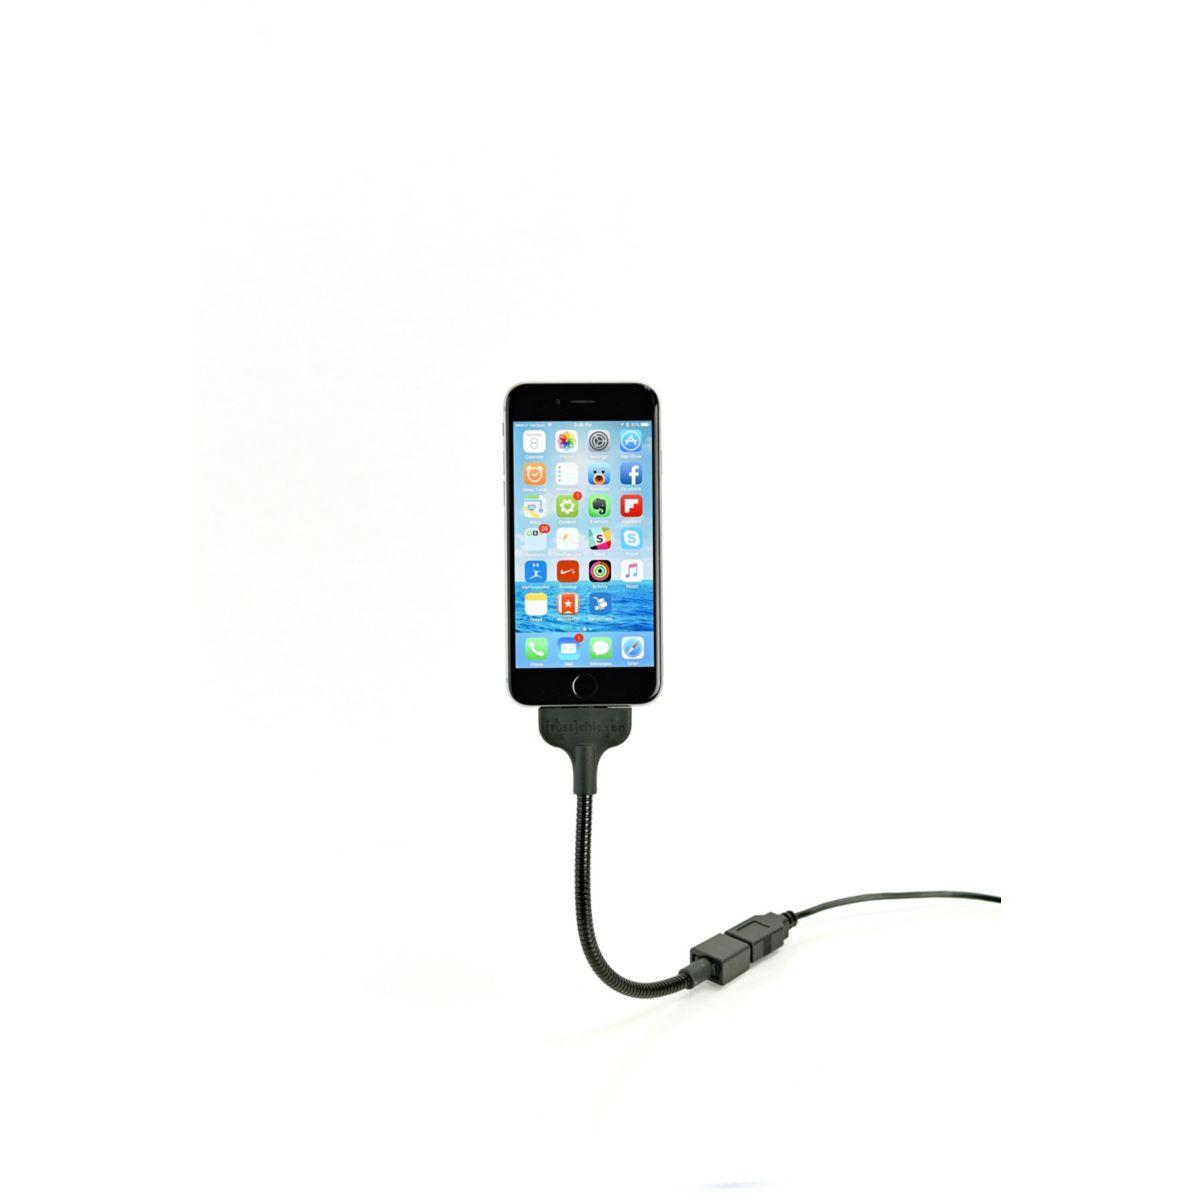 Câble lightning fuse chicken bobine moun - 15% de remise immédiate avec le code : multi15 (photo)